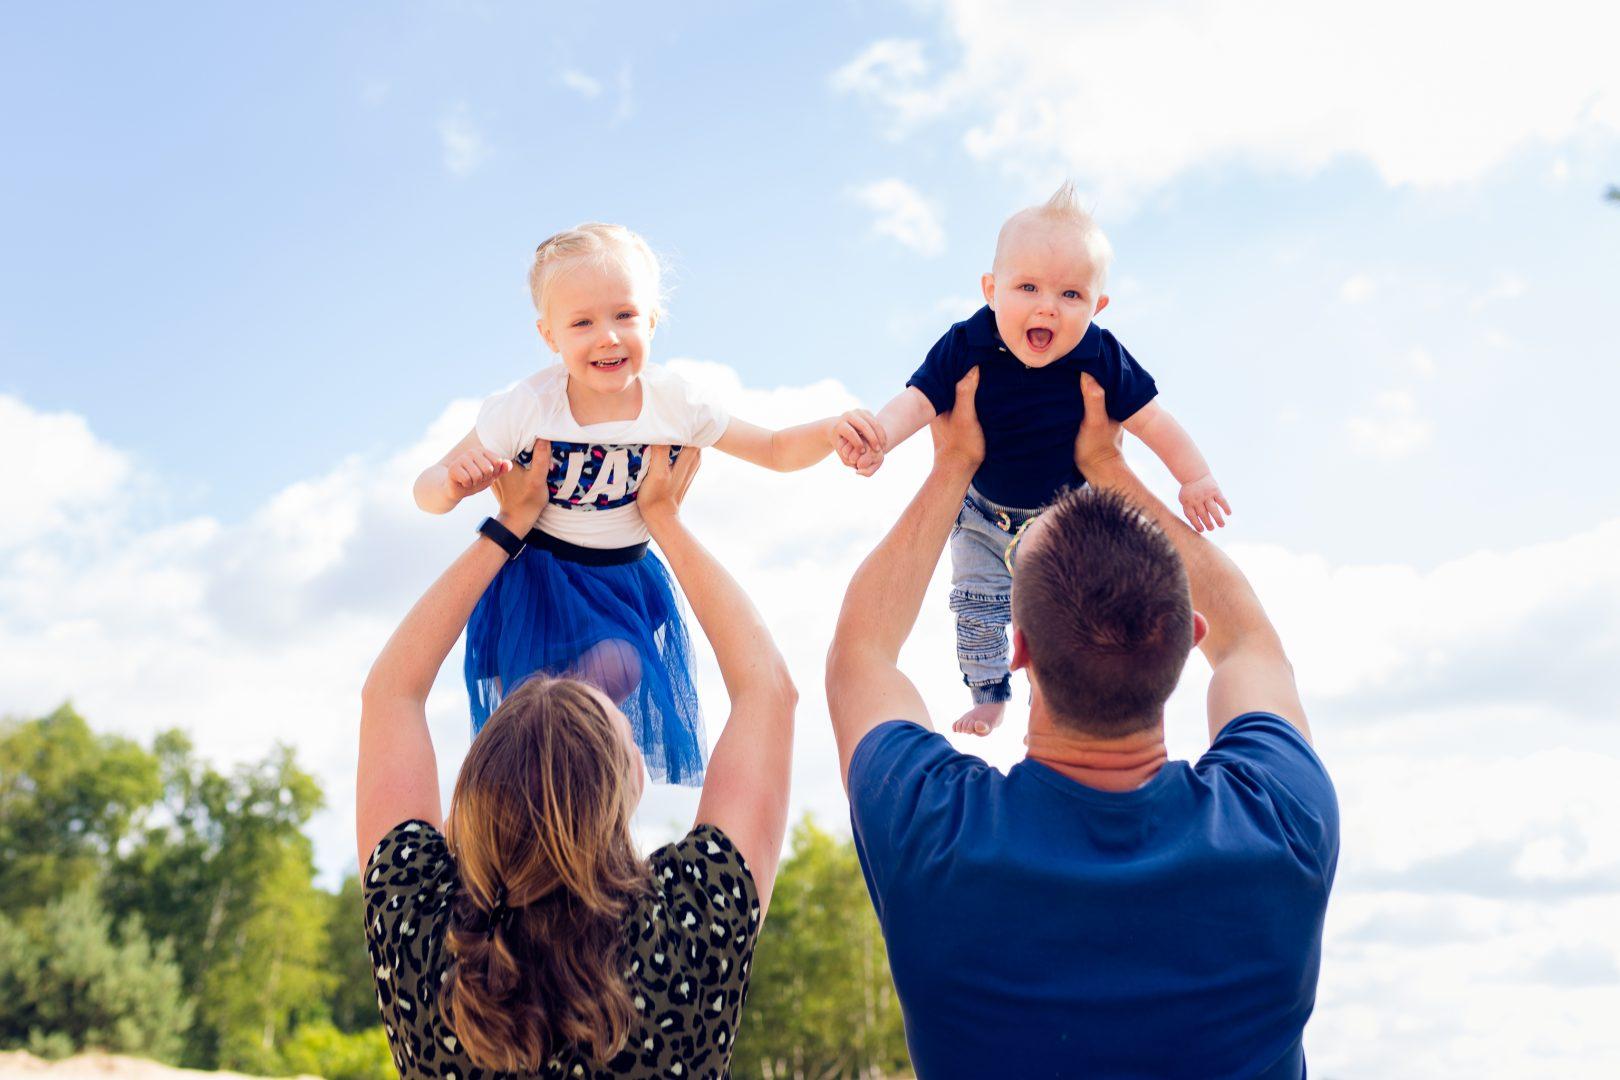 De gezinsfotograaf in voorthuizen, barneveld en omstreken voor gezinsfotografie en kinderfotografie